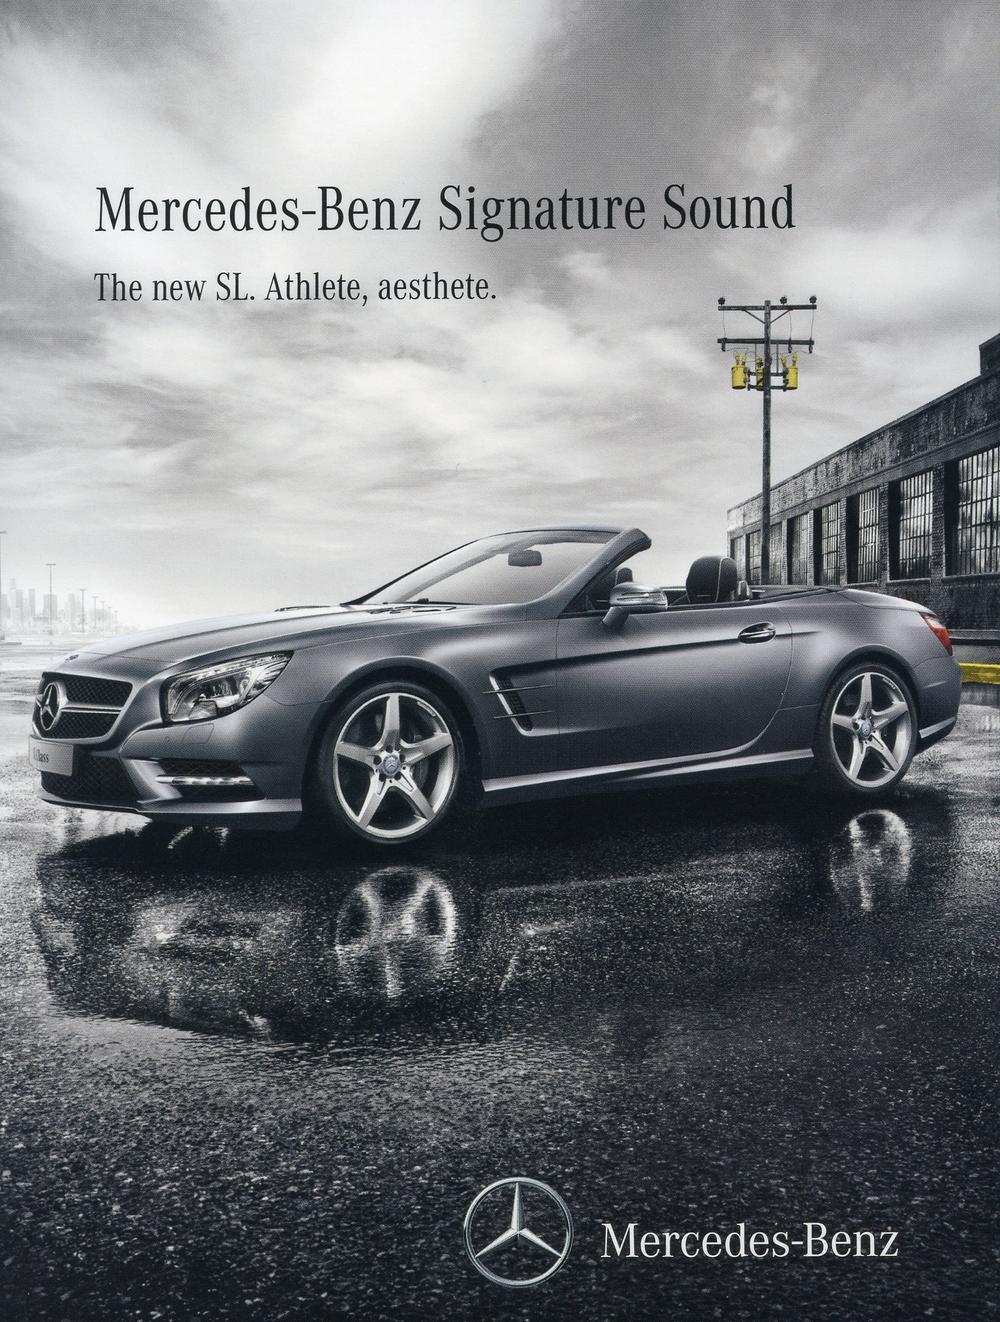 MercedesBenz_front.jpg